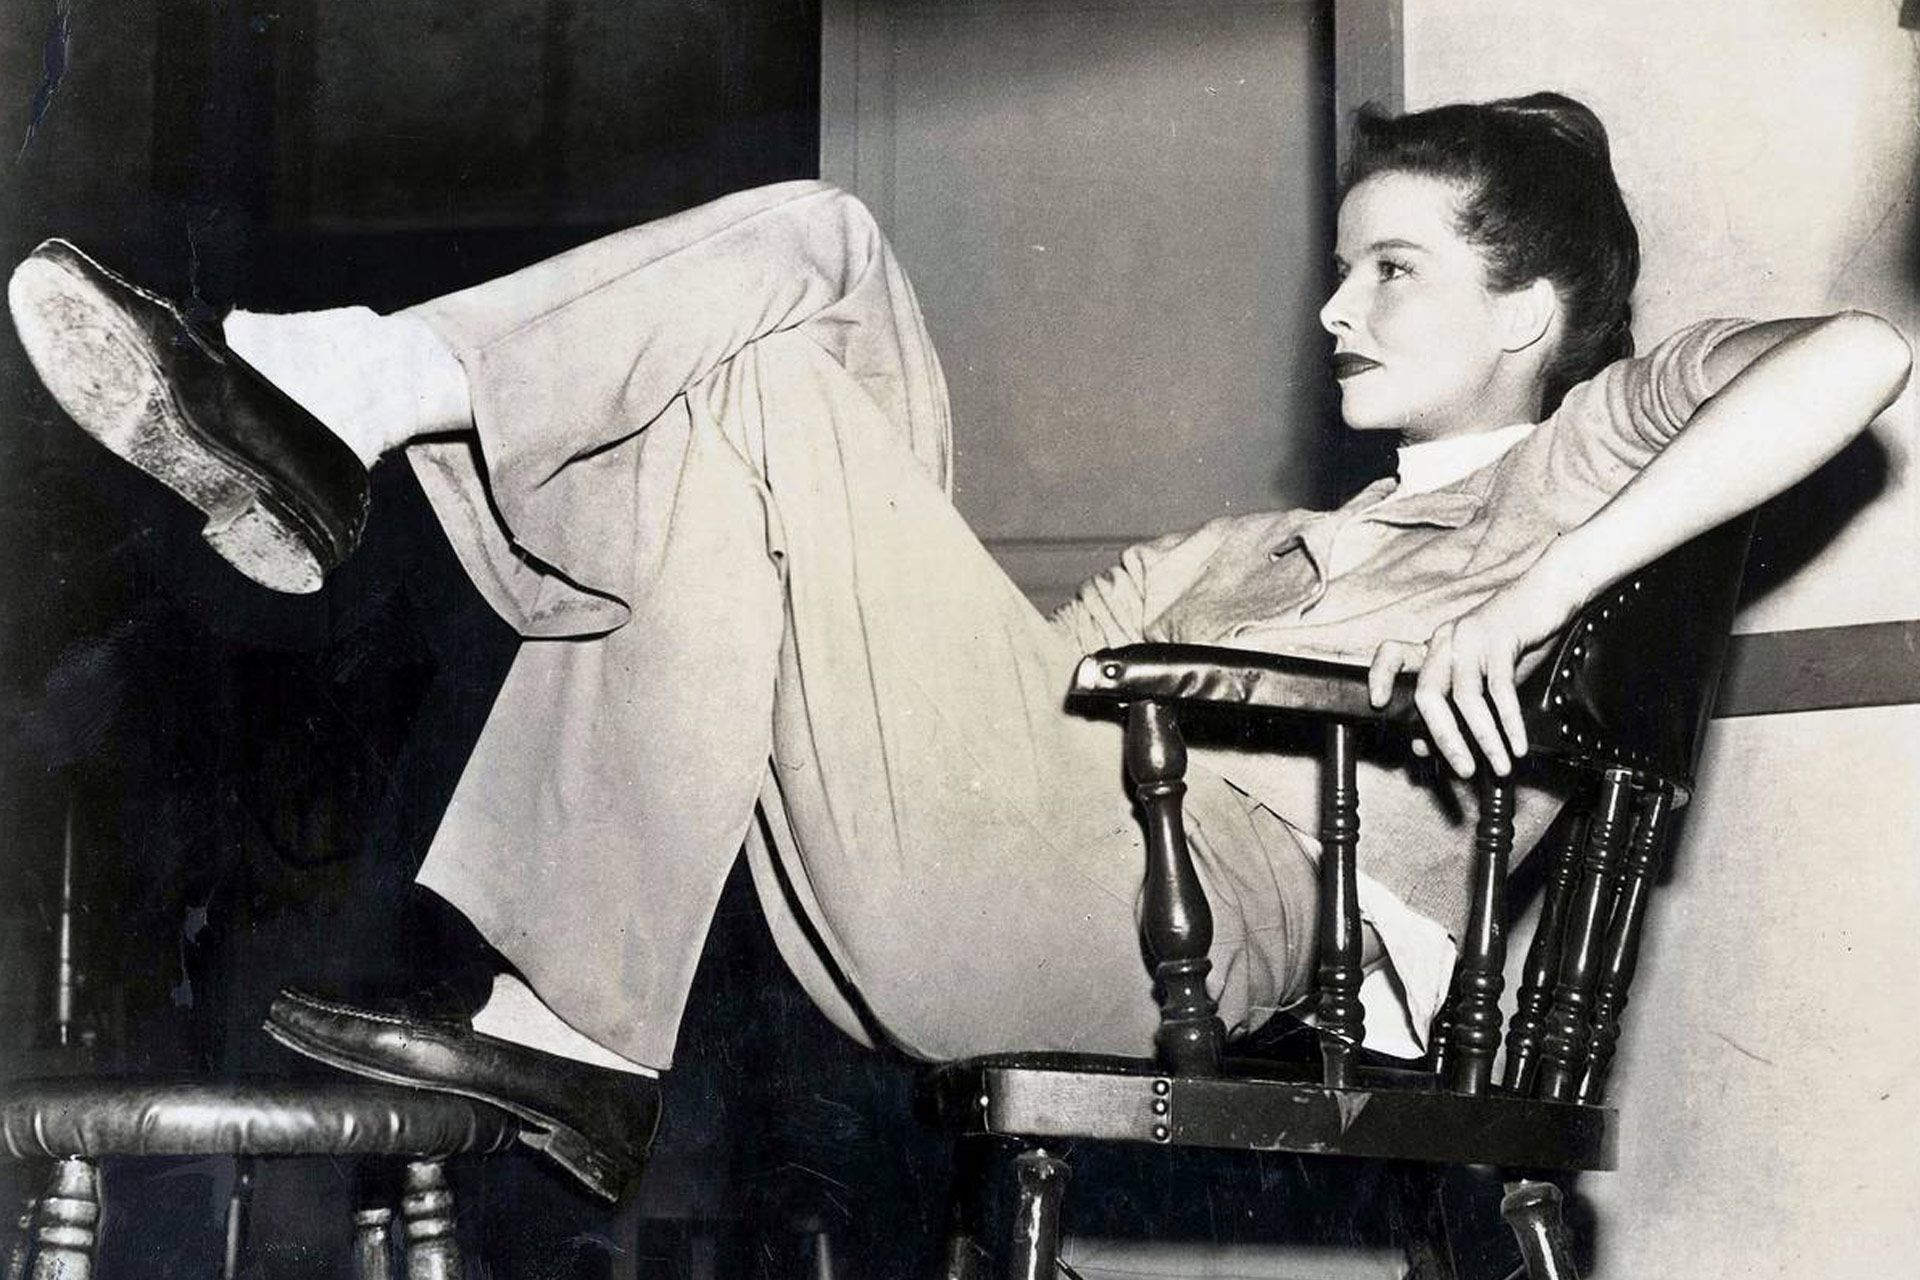 Tomboy Style - Katherine Hepburn (With images) | Katherine hepburn ...